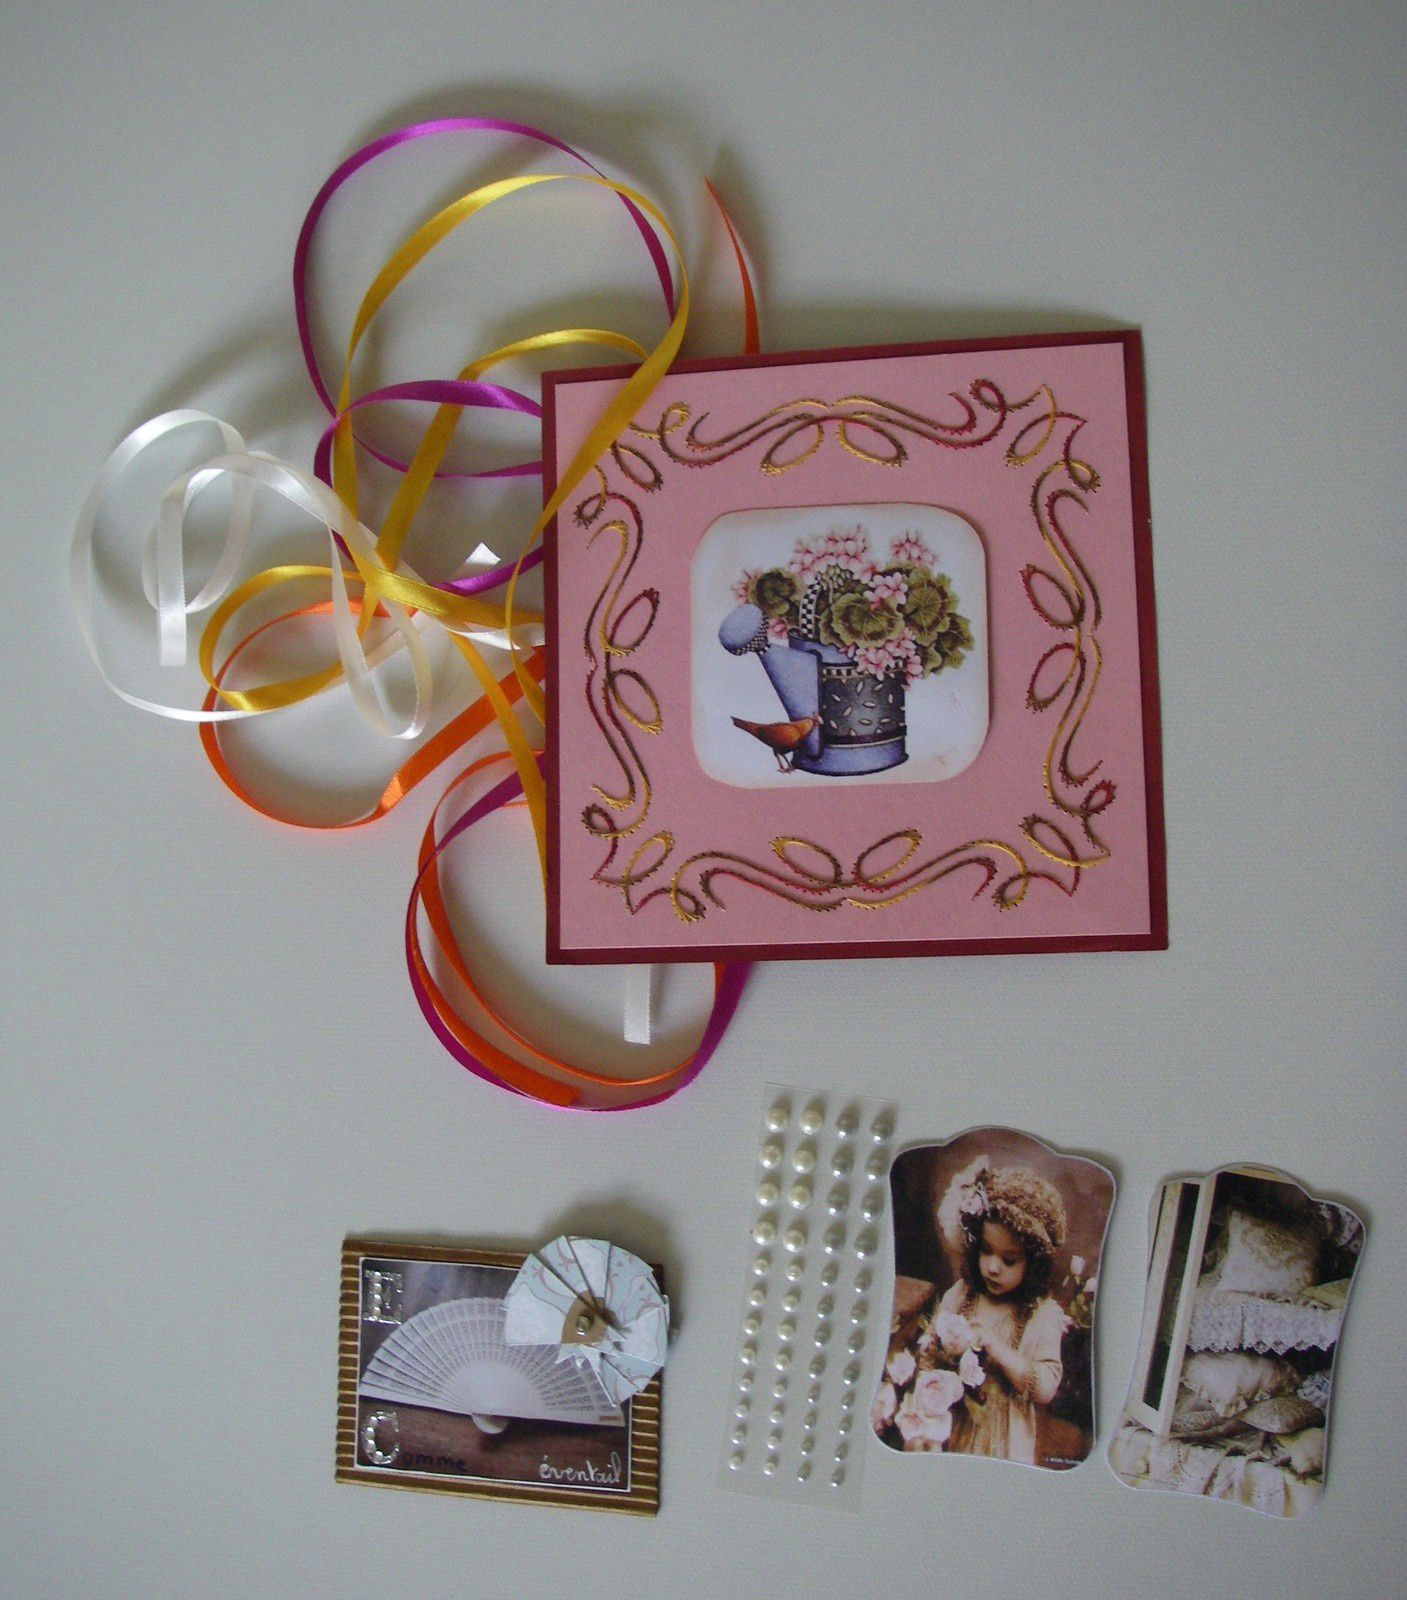 Tout d'abord, la très jolie carte brodée de Katoen17, son A.T.C. et les petits plus... Merci Brigitte !